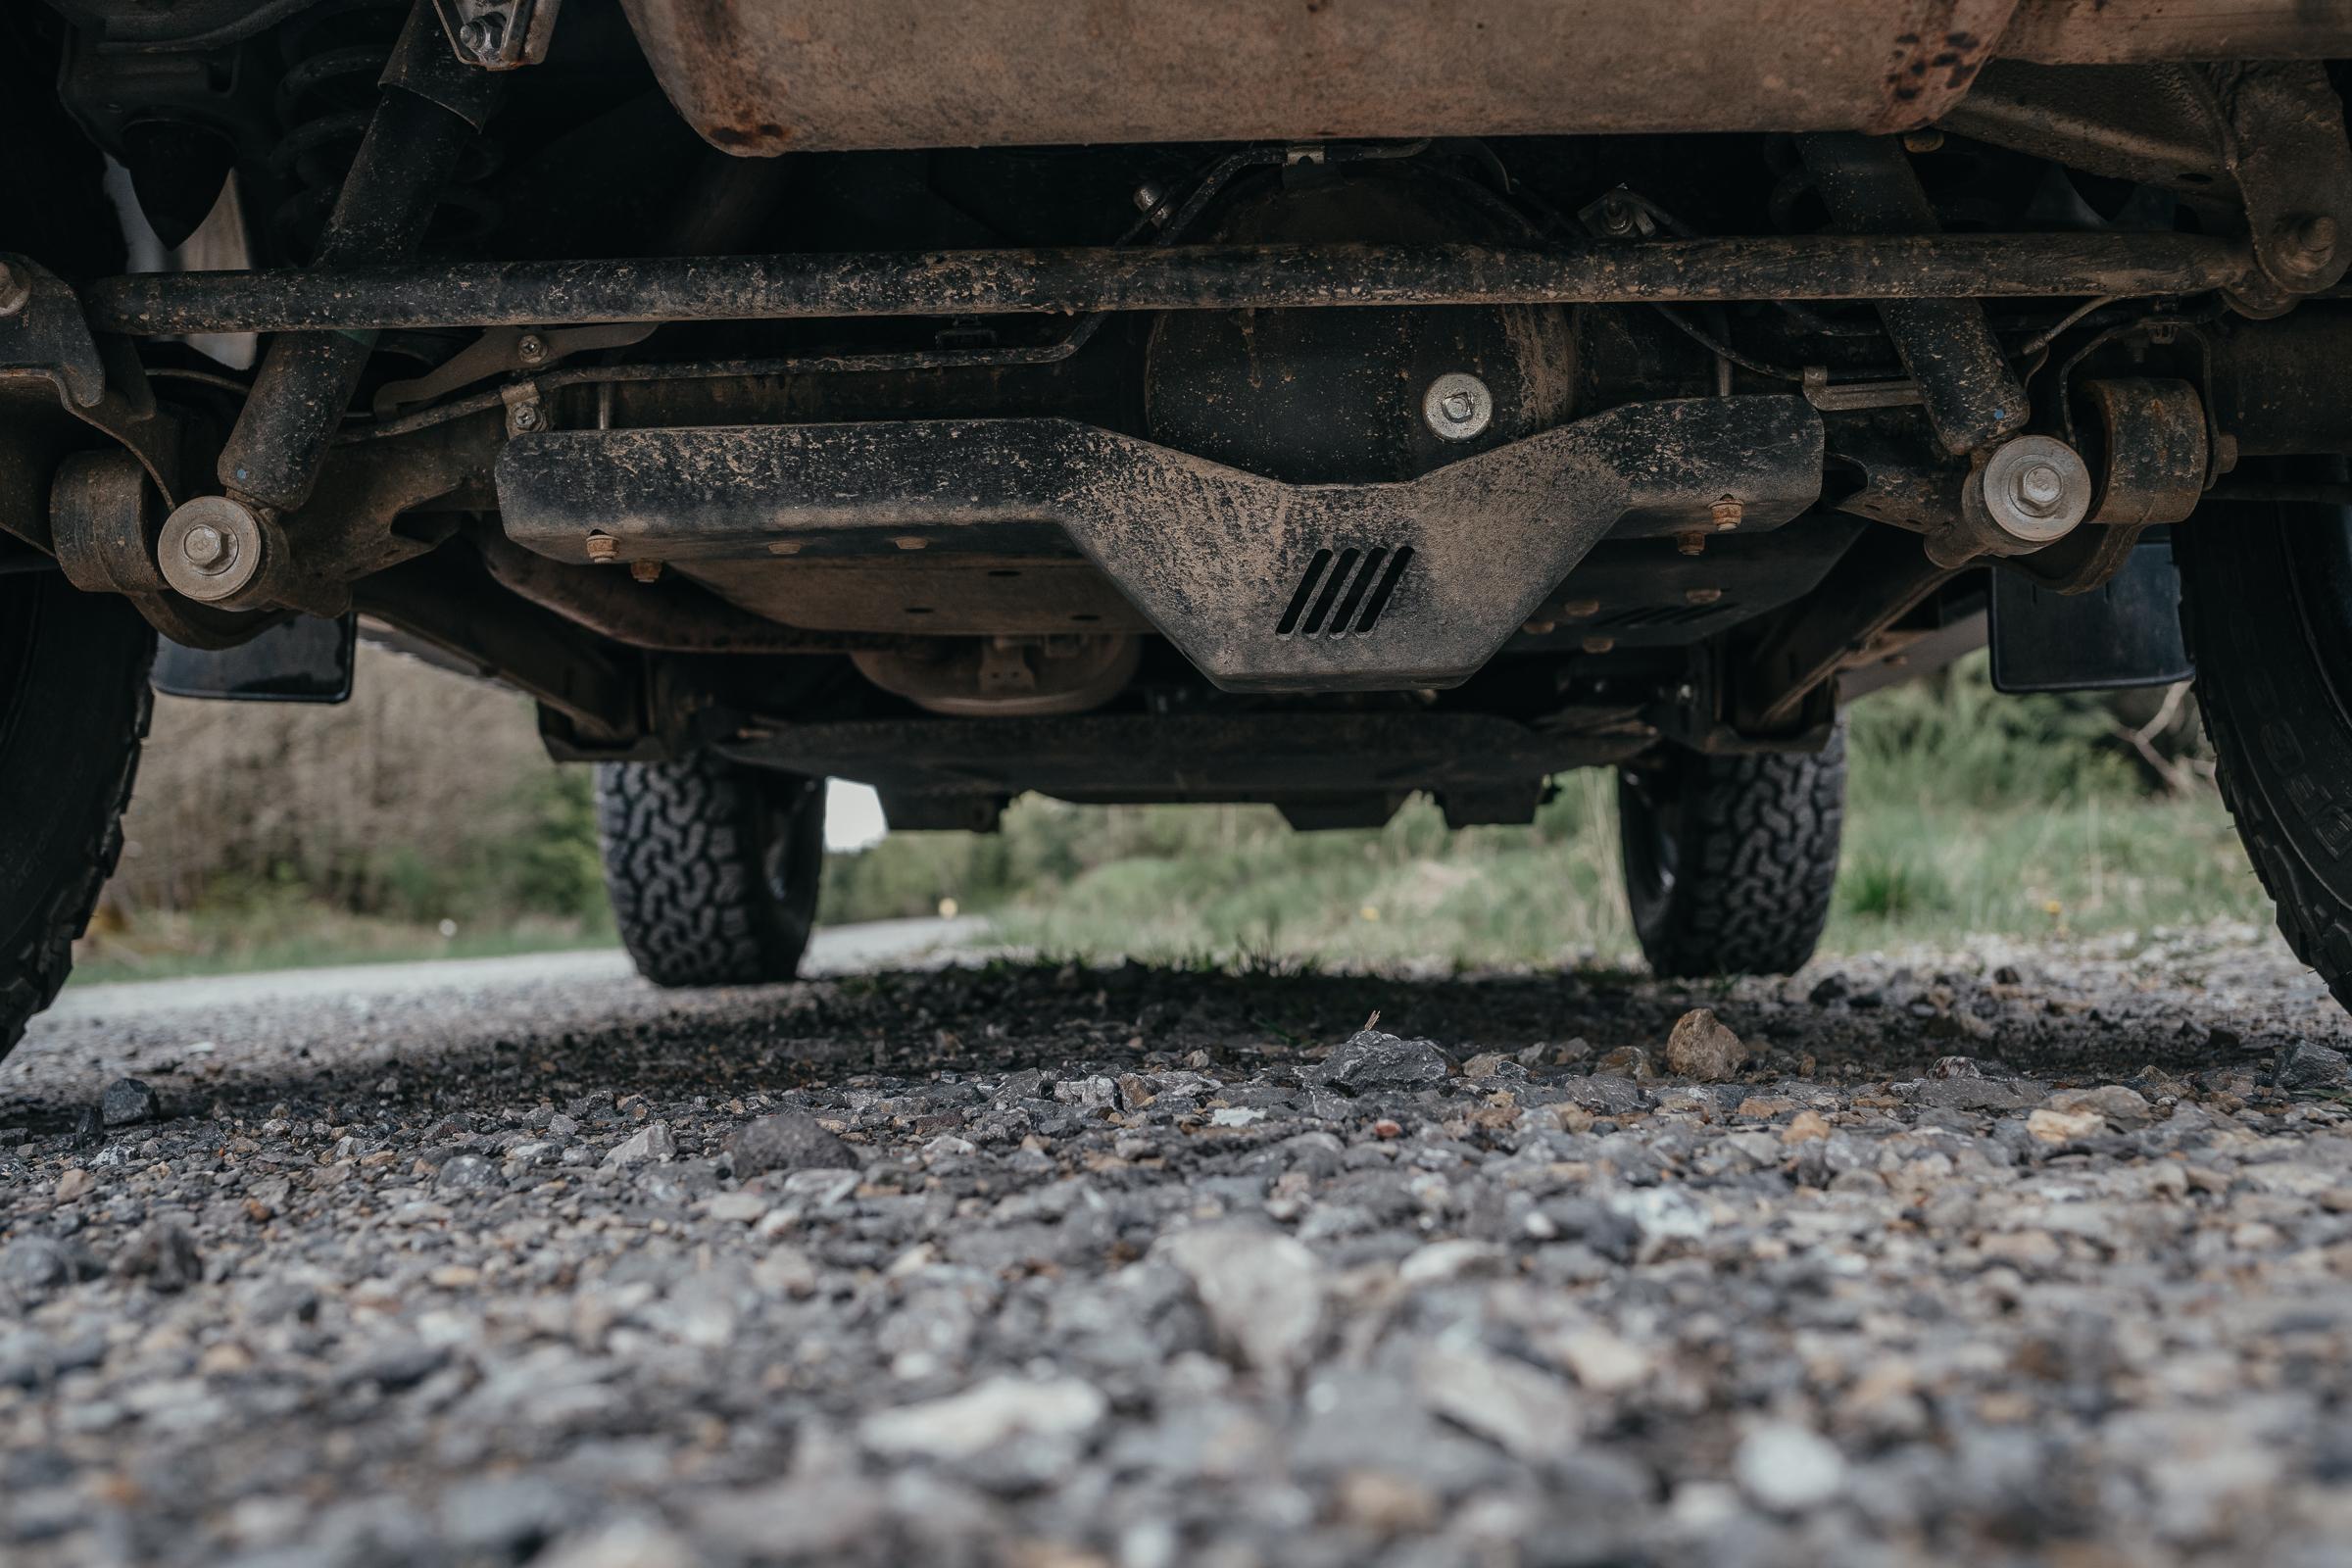 Unterfahrschütze von Horntools für den Suzuki Jimny GJ